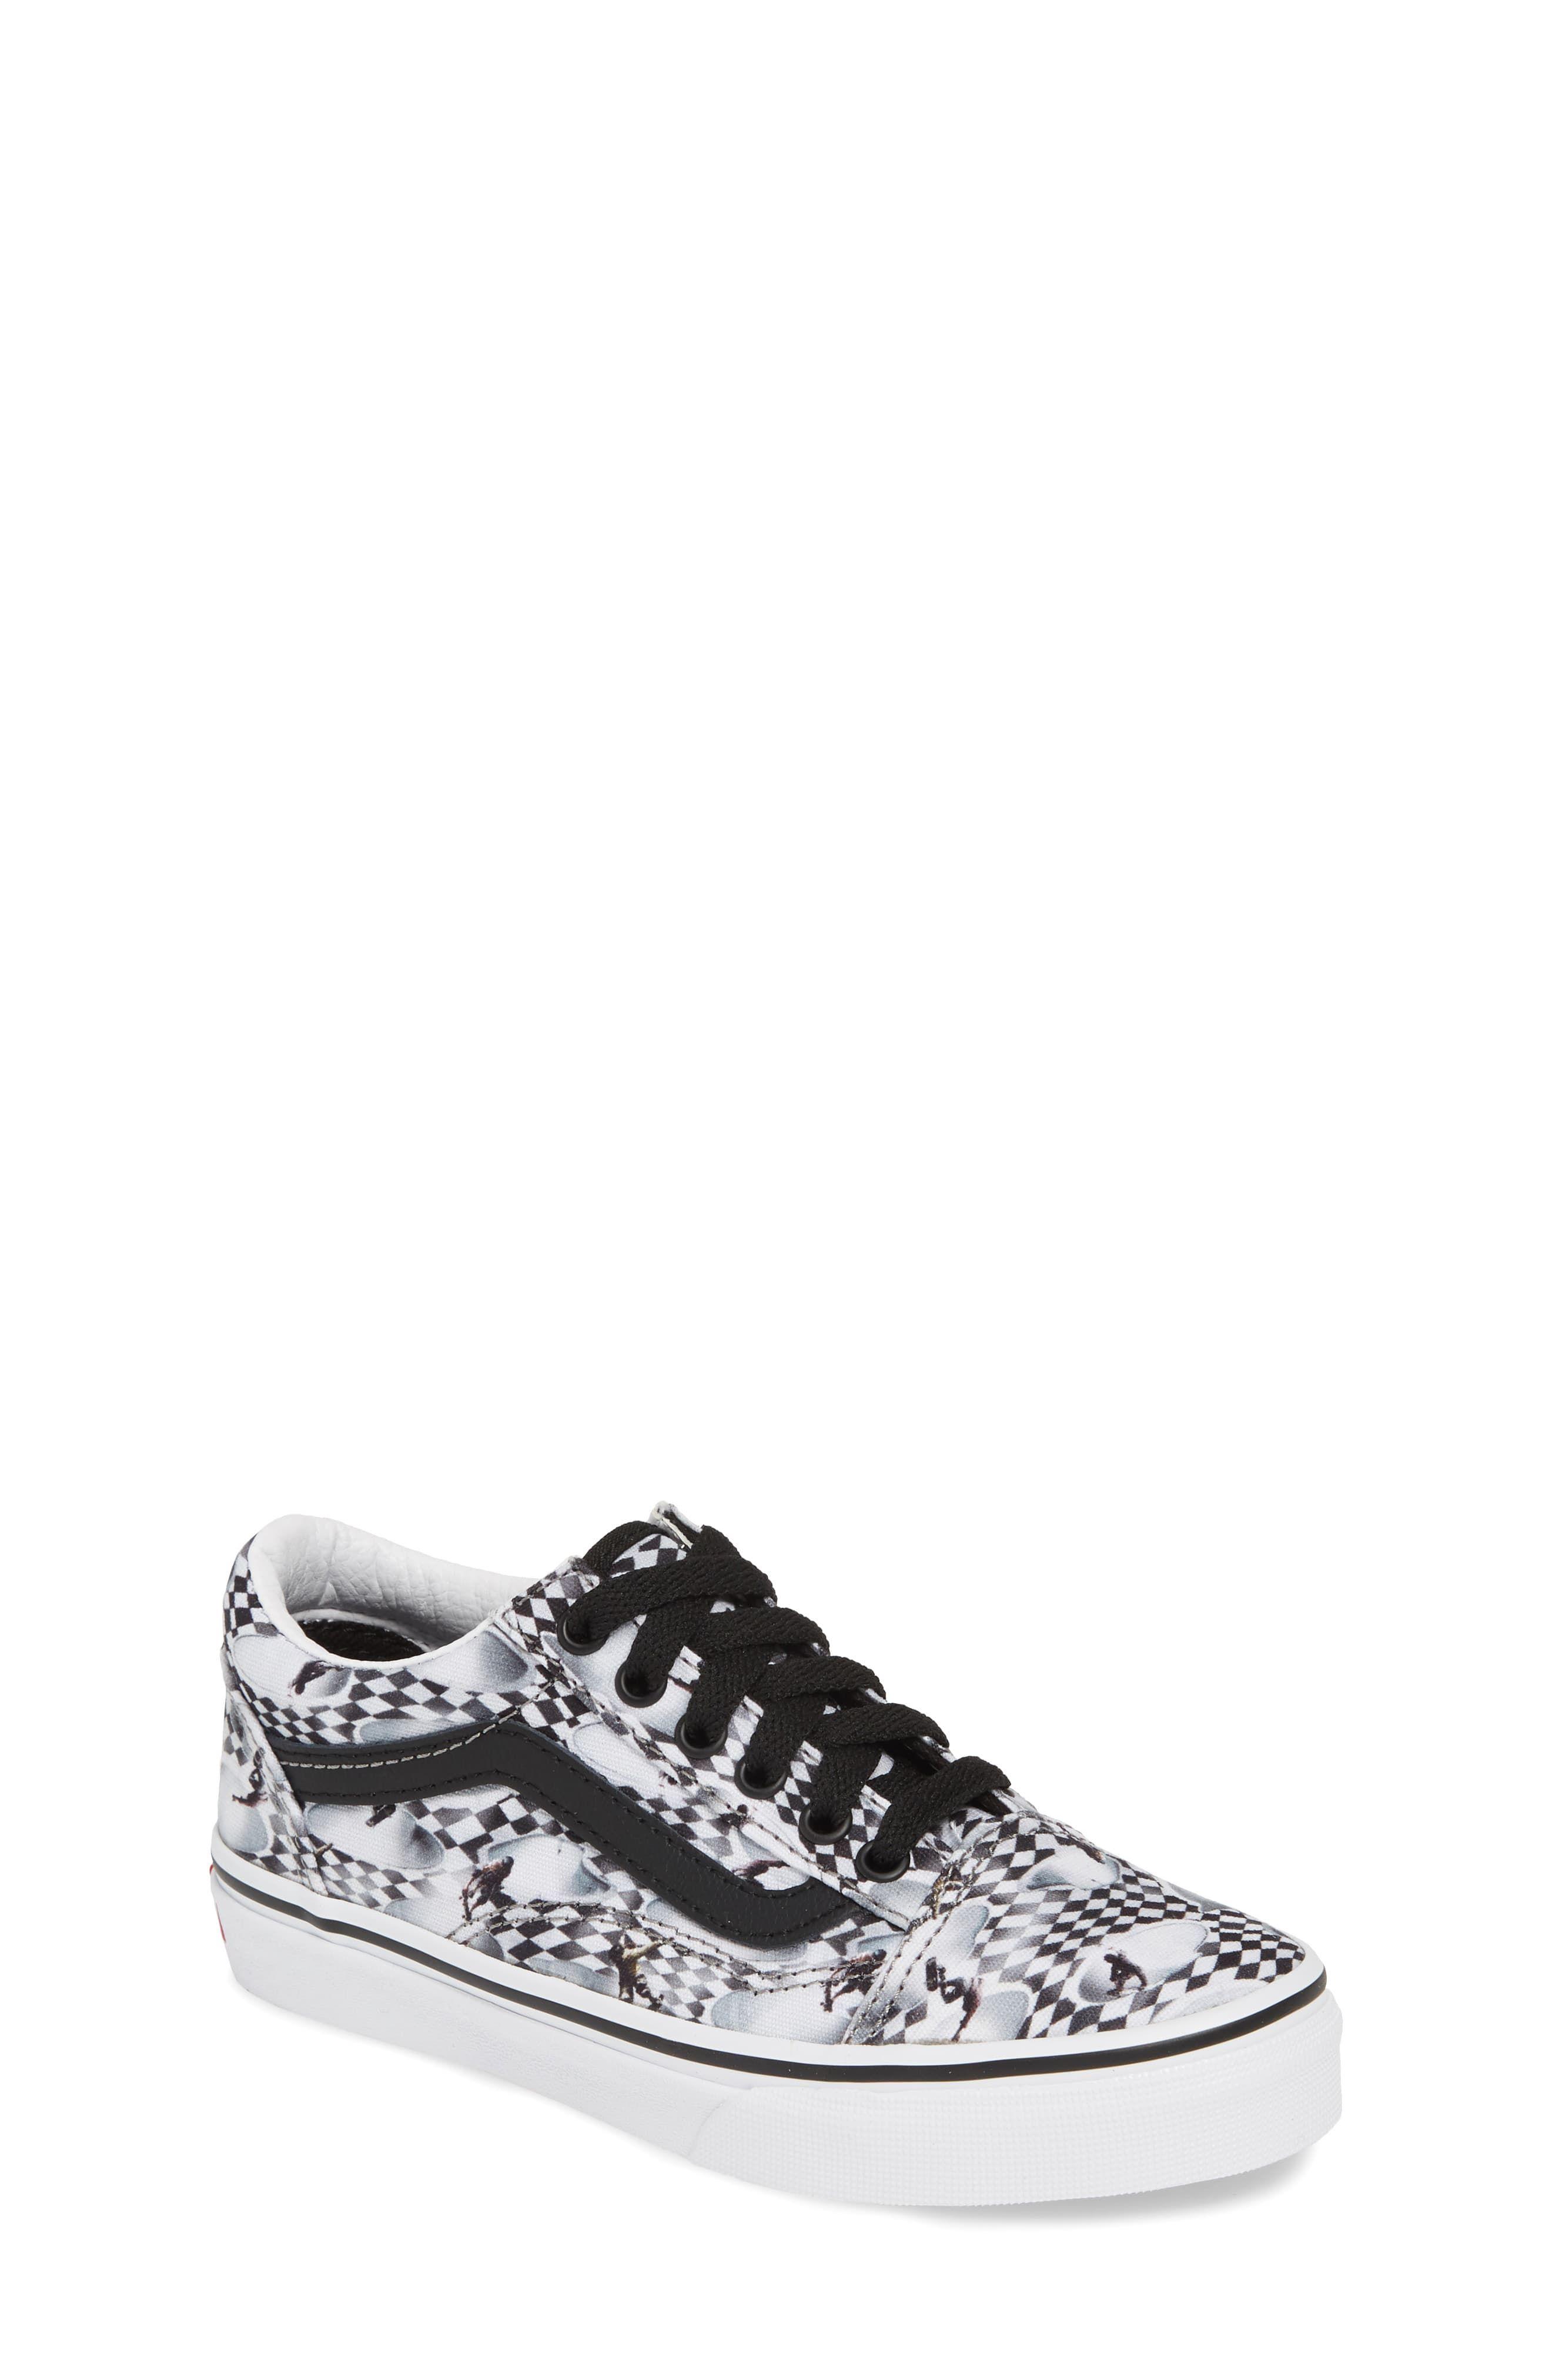 Vans x Molo Old Skool Low Top Sneaker (Toddler, Little Kid